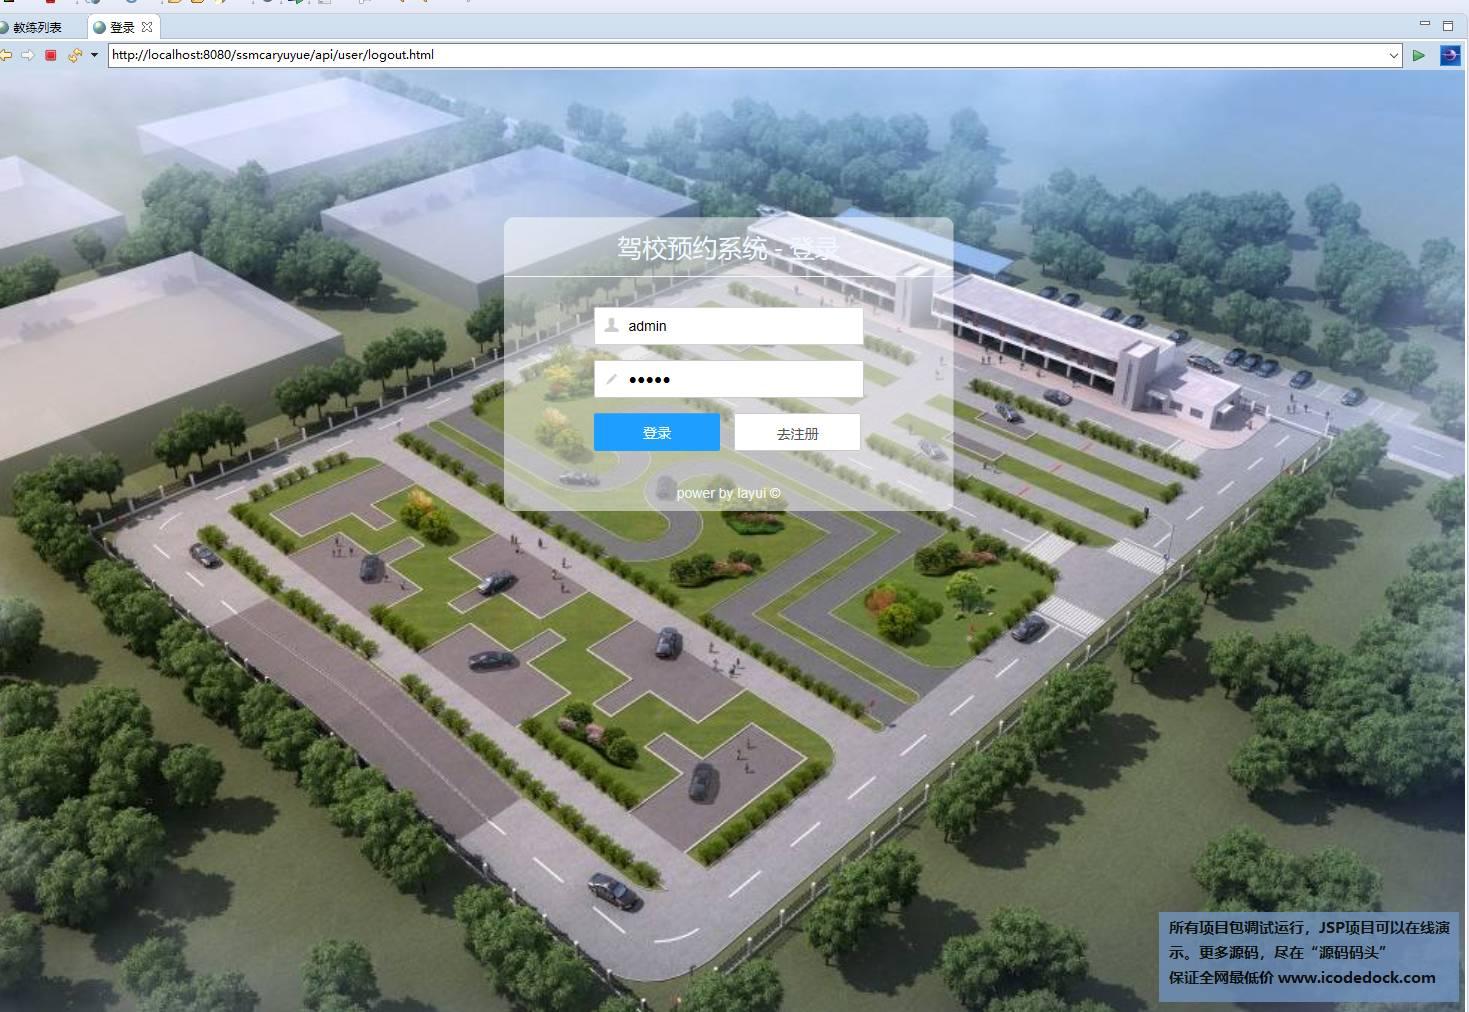 源码码头-SSM驾校预约管理系统-管理员角色-登录界面